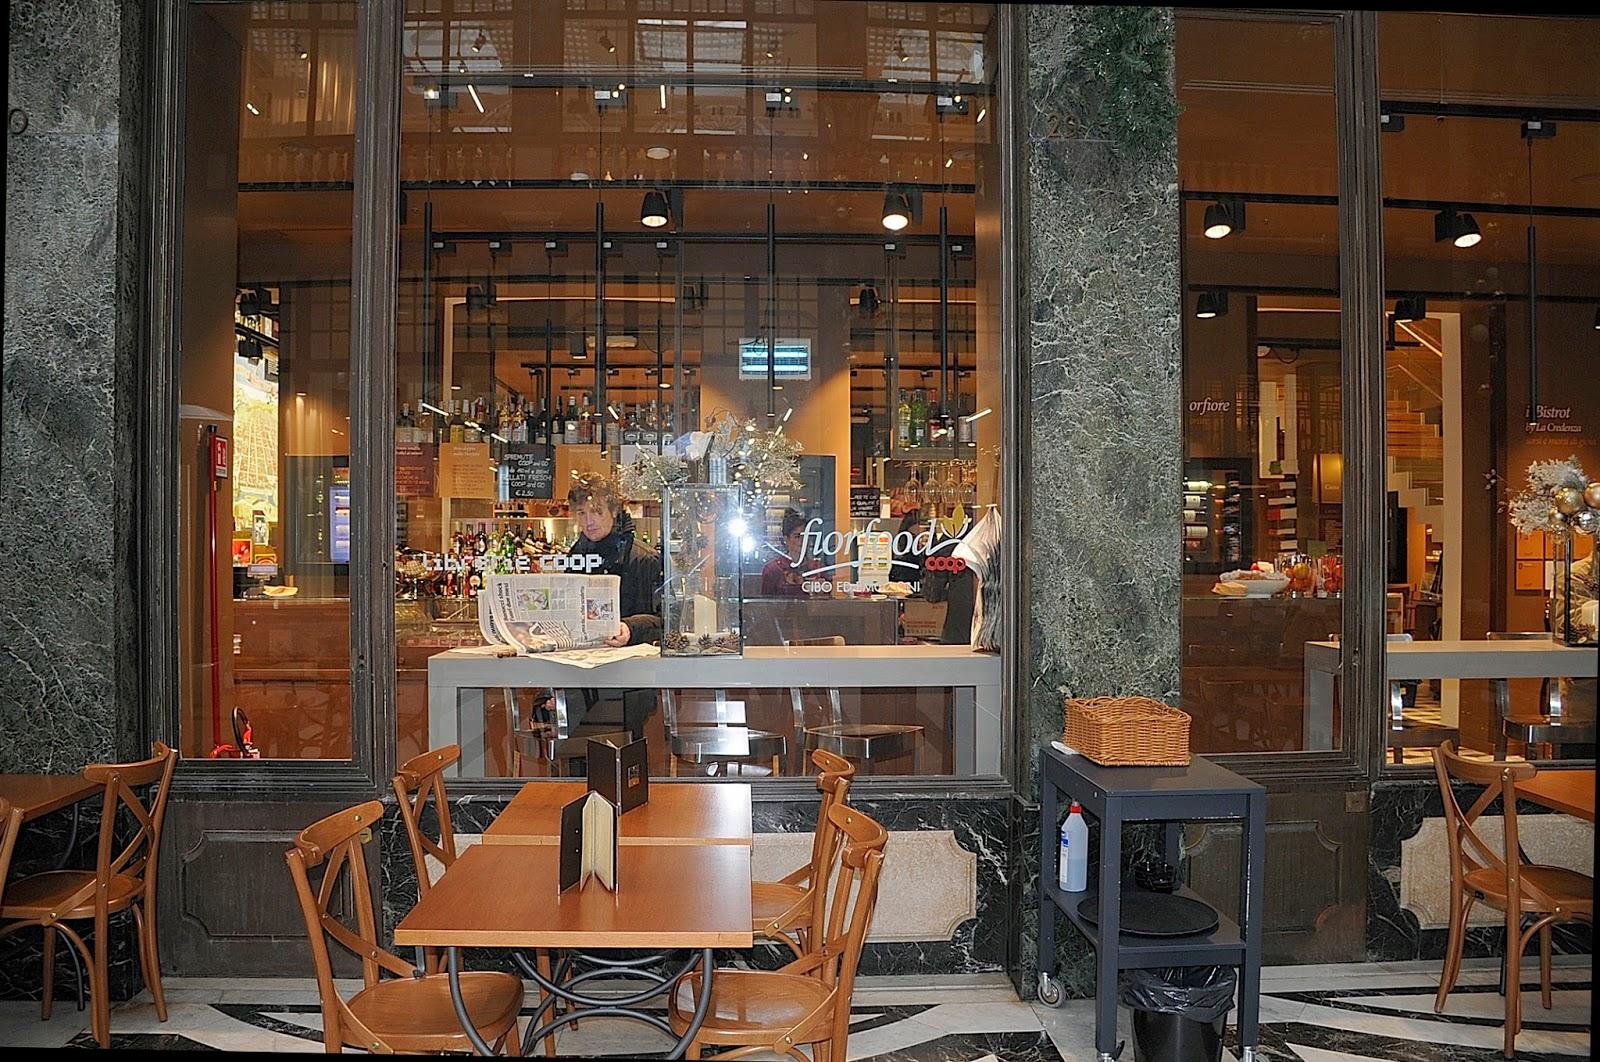 Bistrot La Credenza Torino : Armadillo bar vino cibo e musica fior fiore fiorfood by la